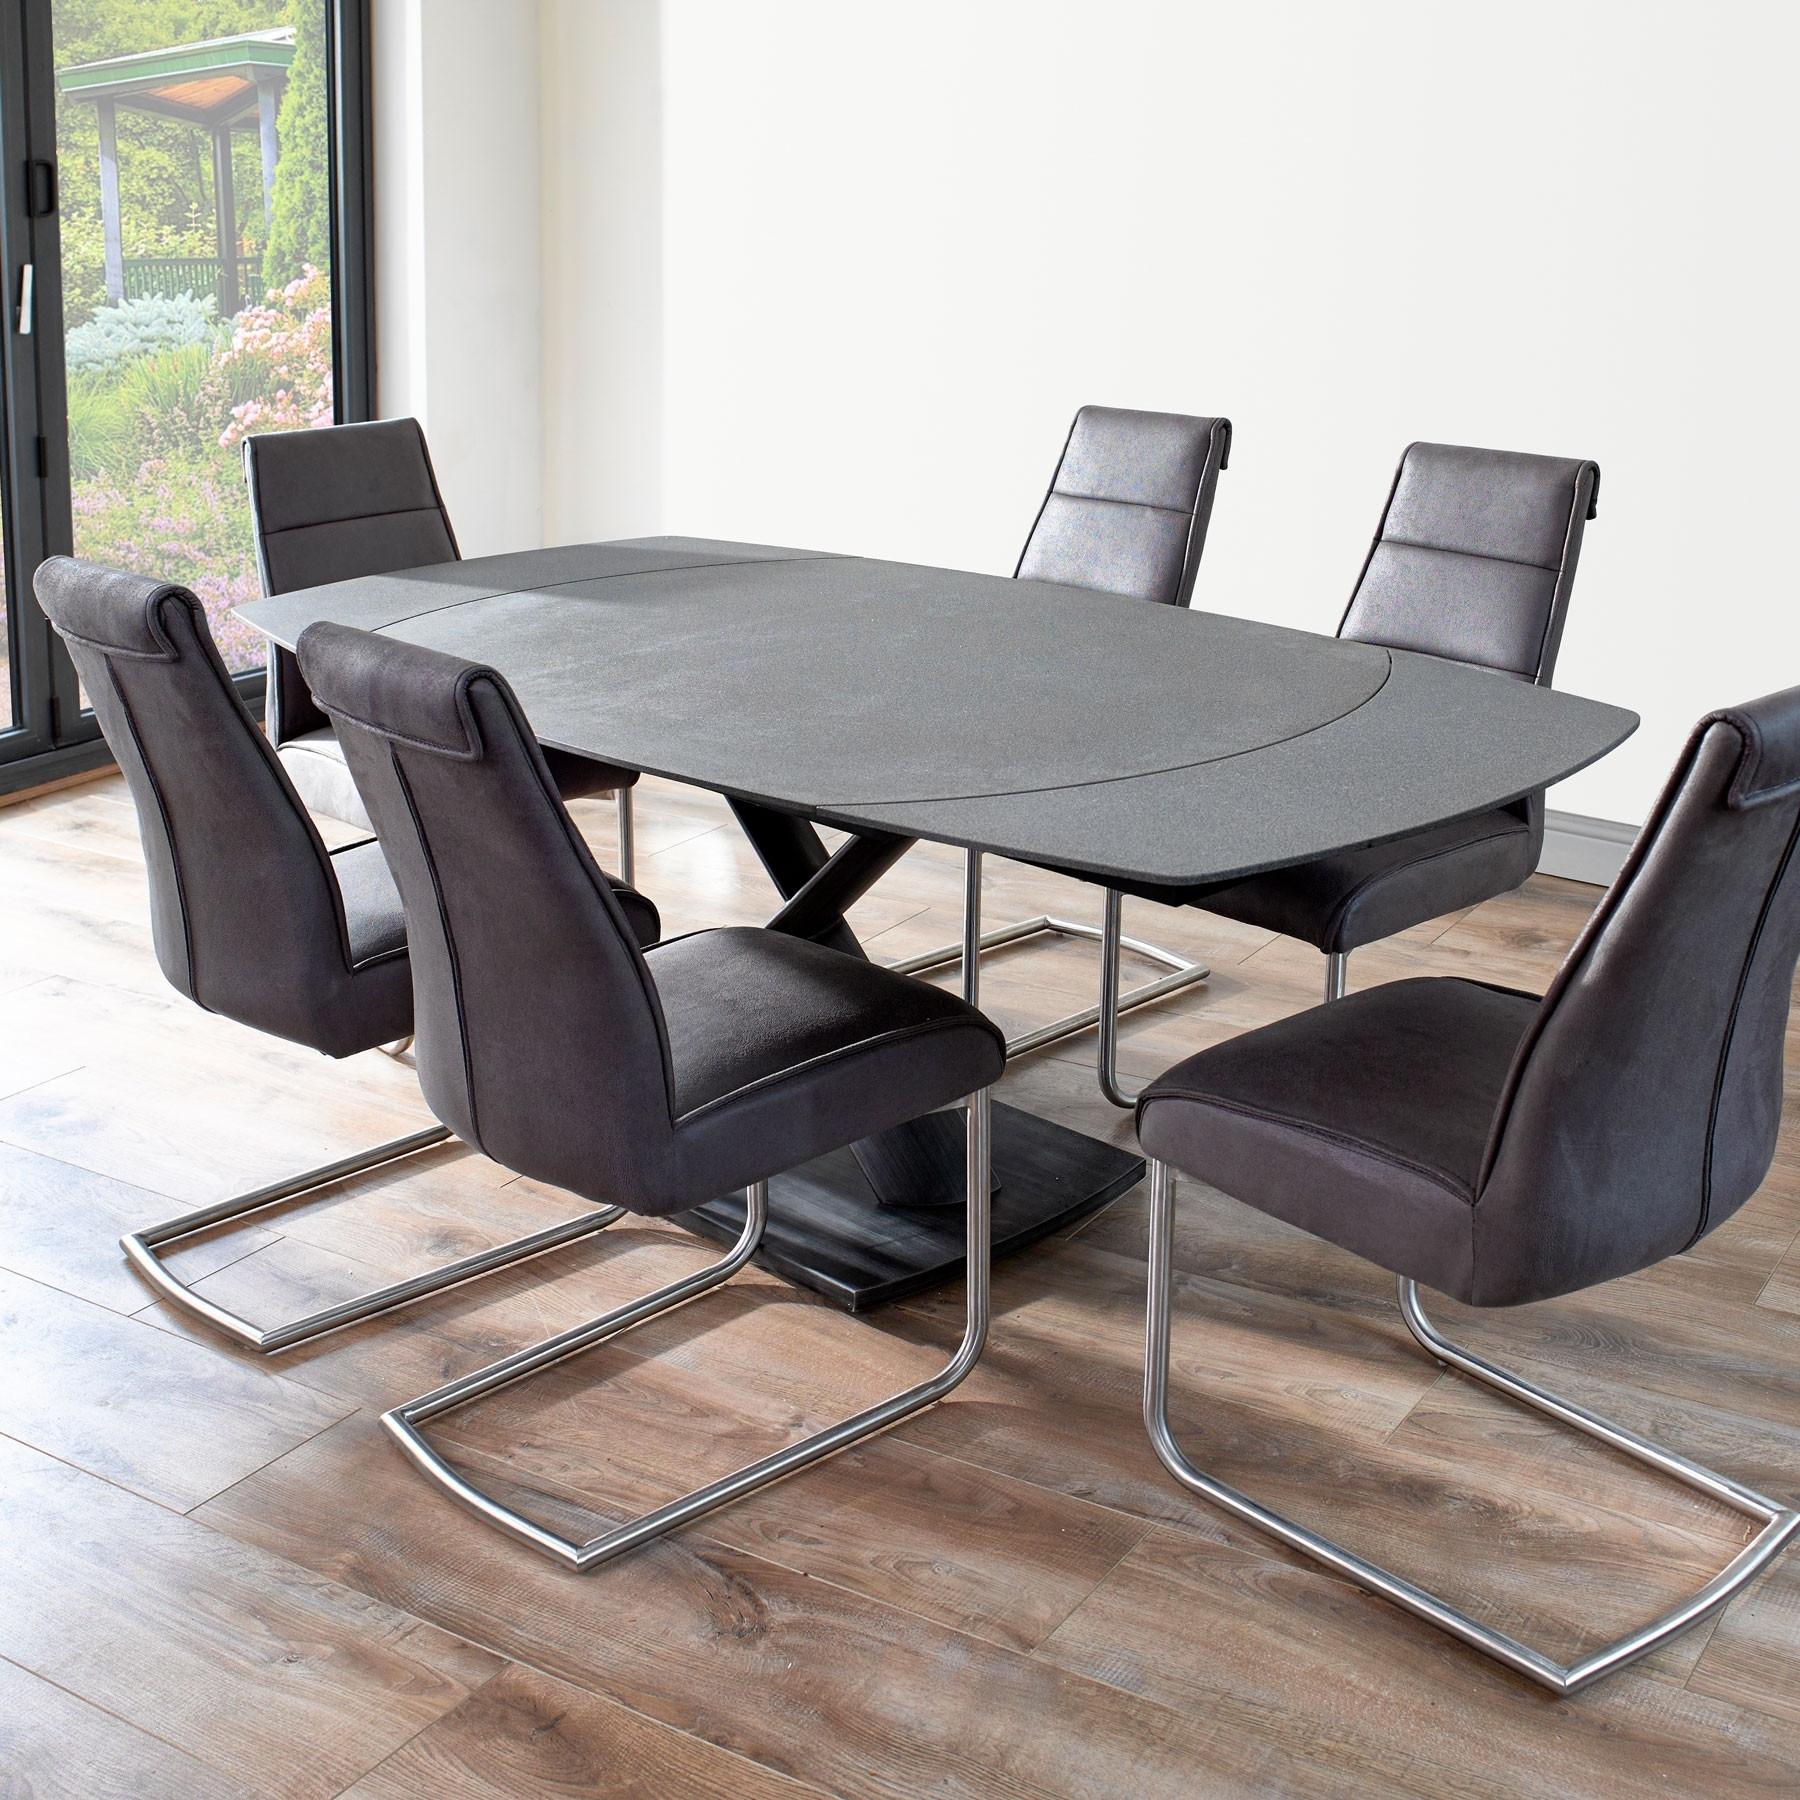 Popular Domasco Revolving Extending Dining Table & 6 Chairs Inside Extending Dining Tables 6 Chairs (View 6 of 25)